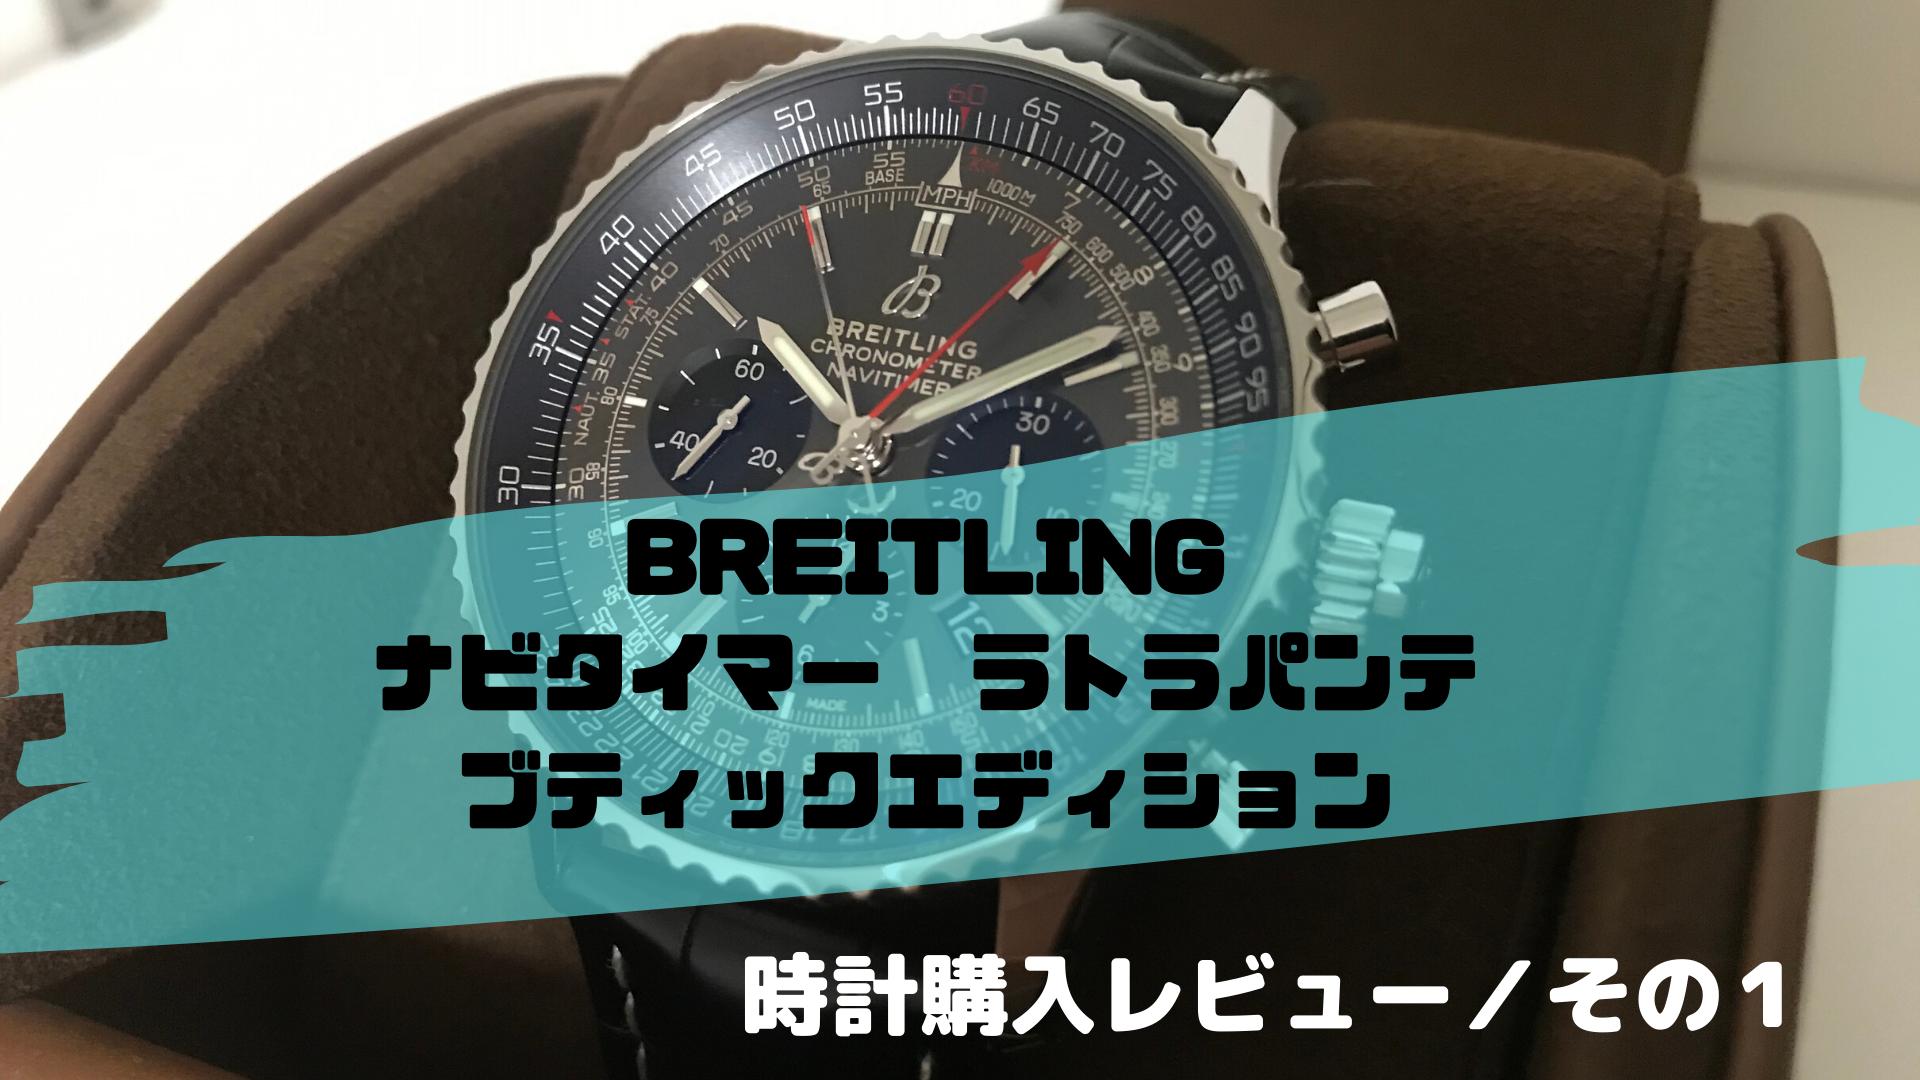 【ブライトリング】世界限定モデルの「ナビタイマー ラトラパンテ」を購入するまで